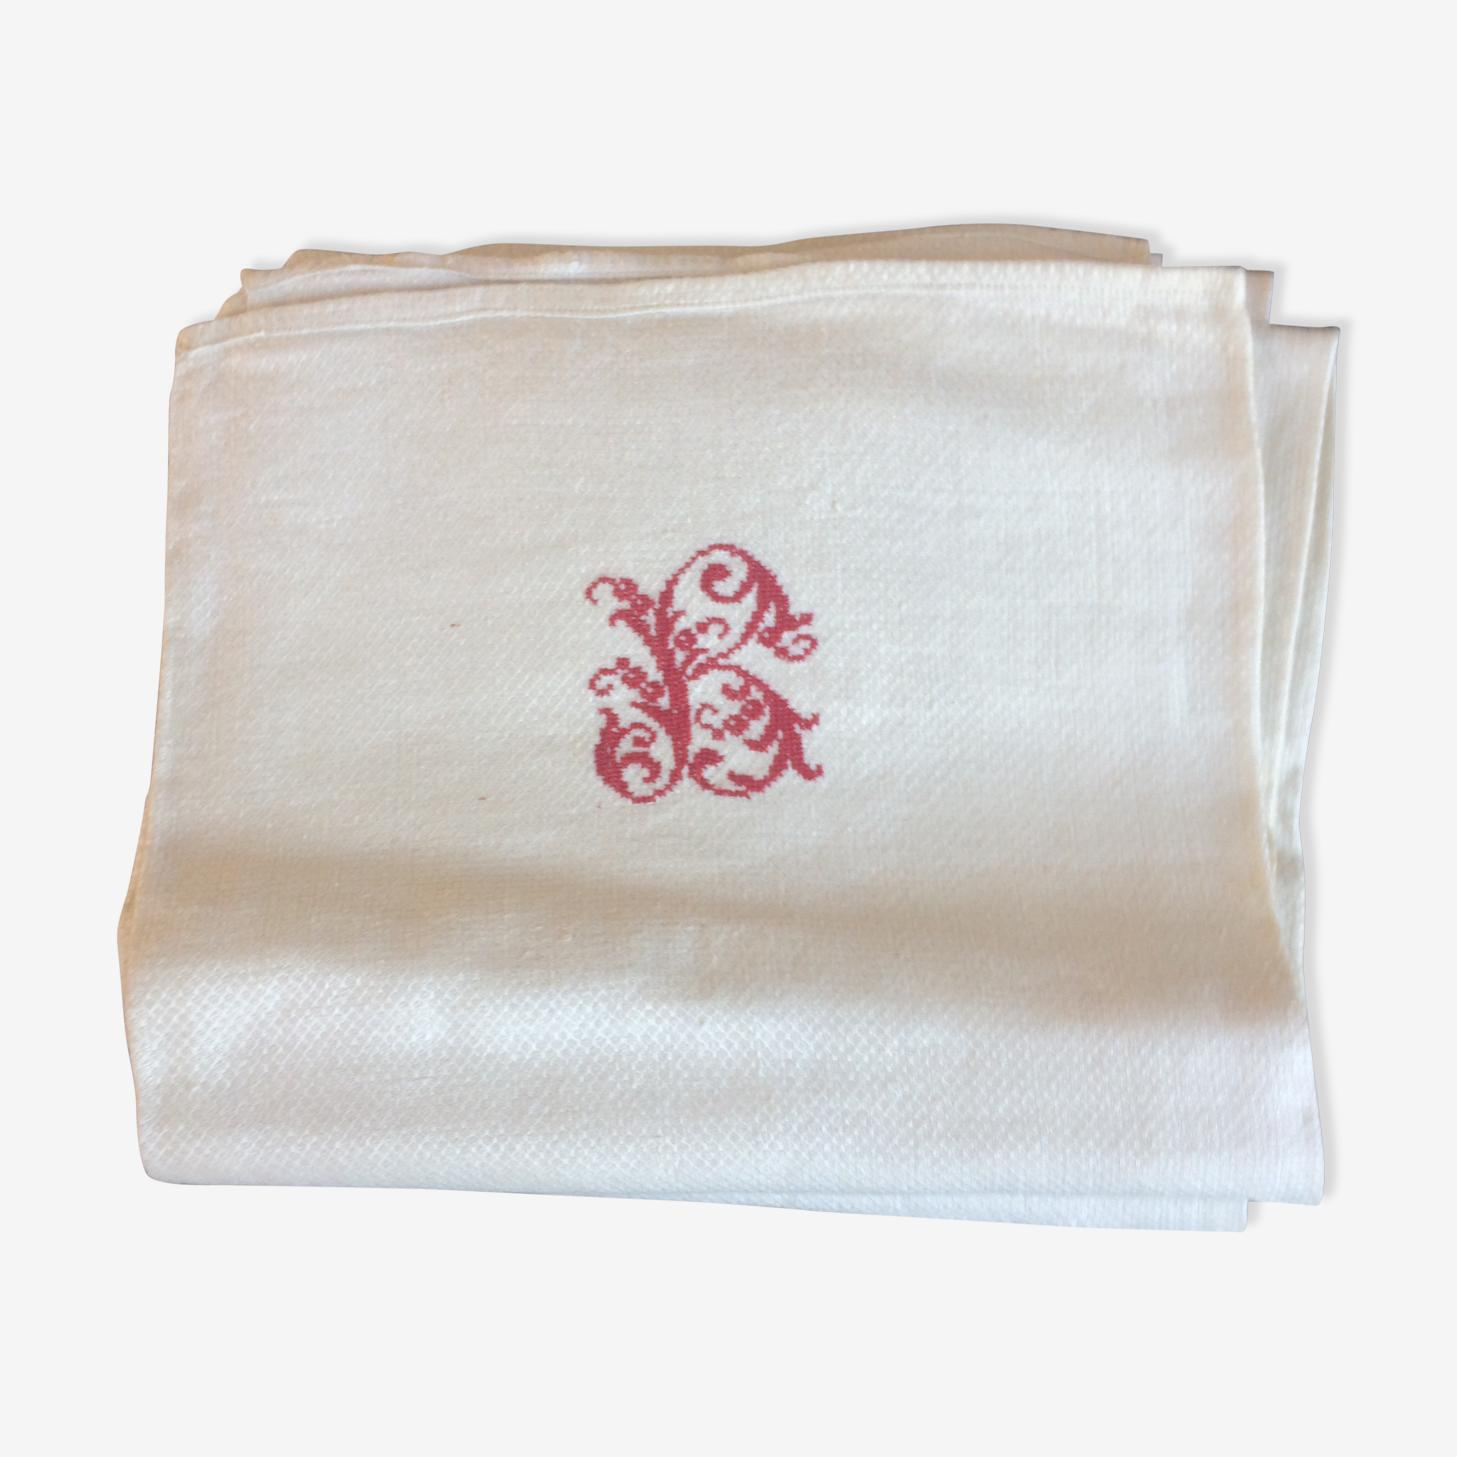 Lot de 6 serviettes en coton monogramme rouge